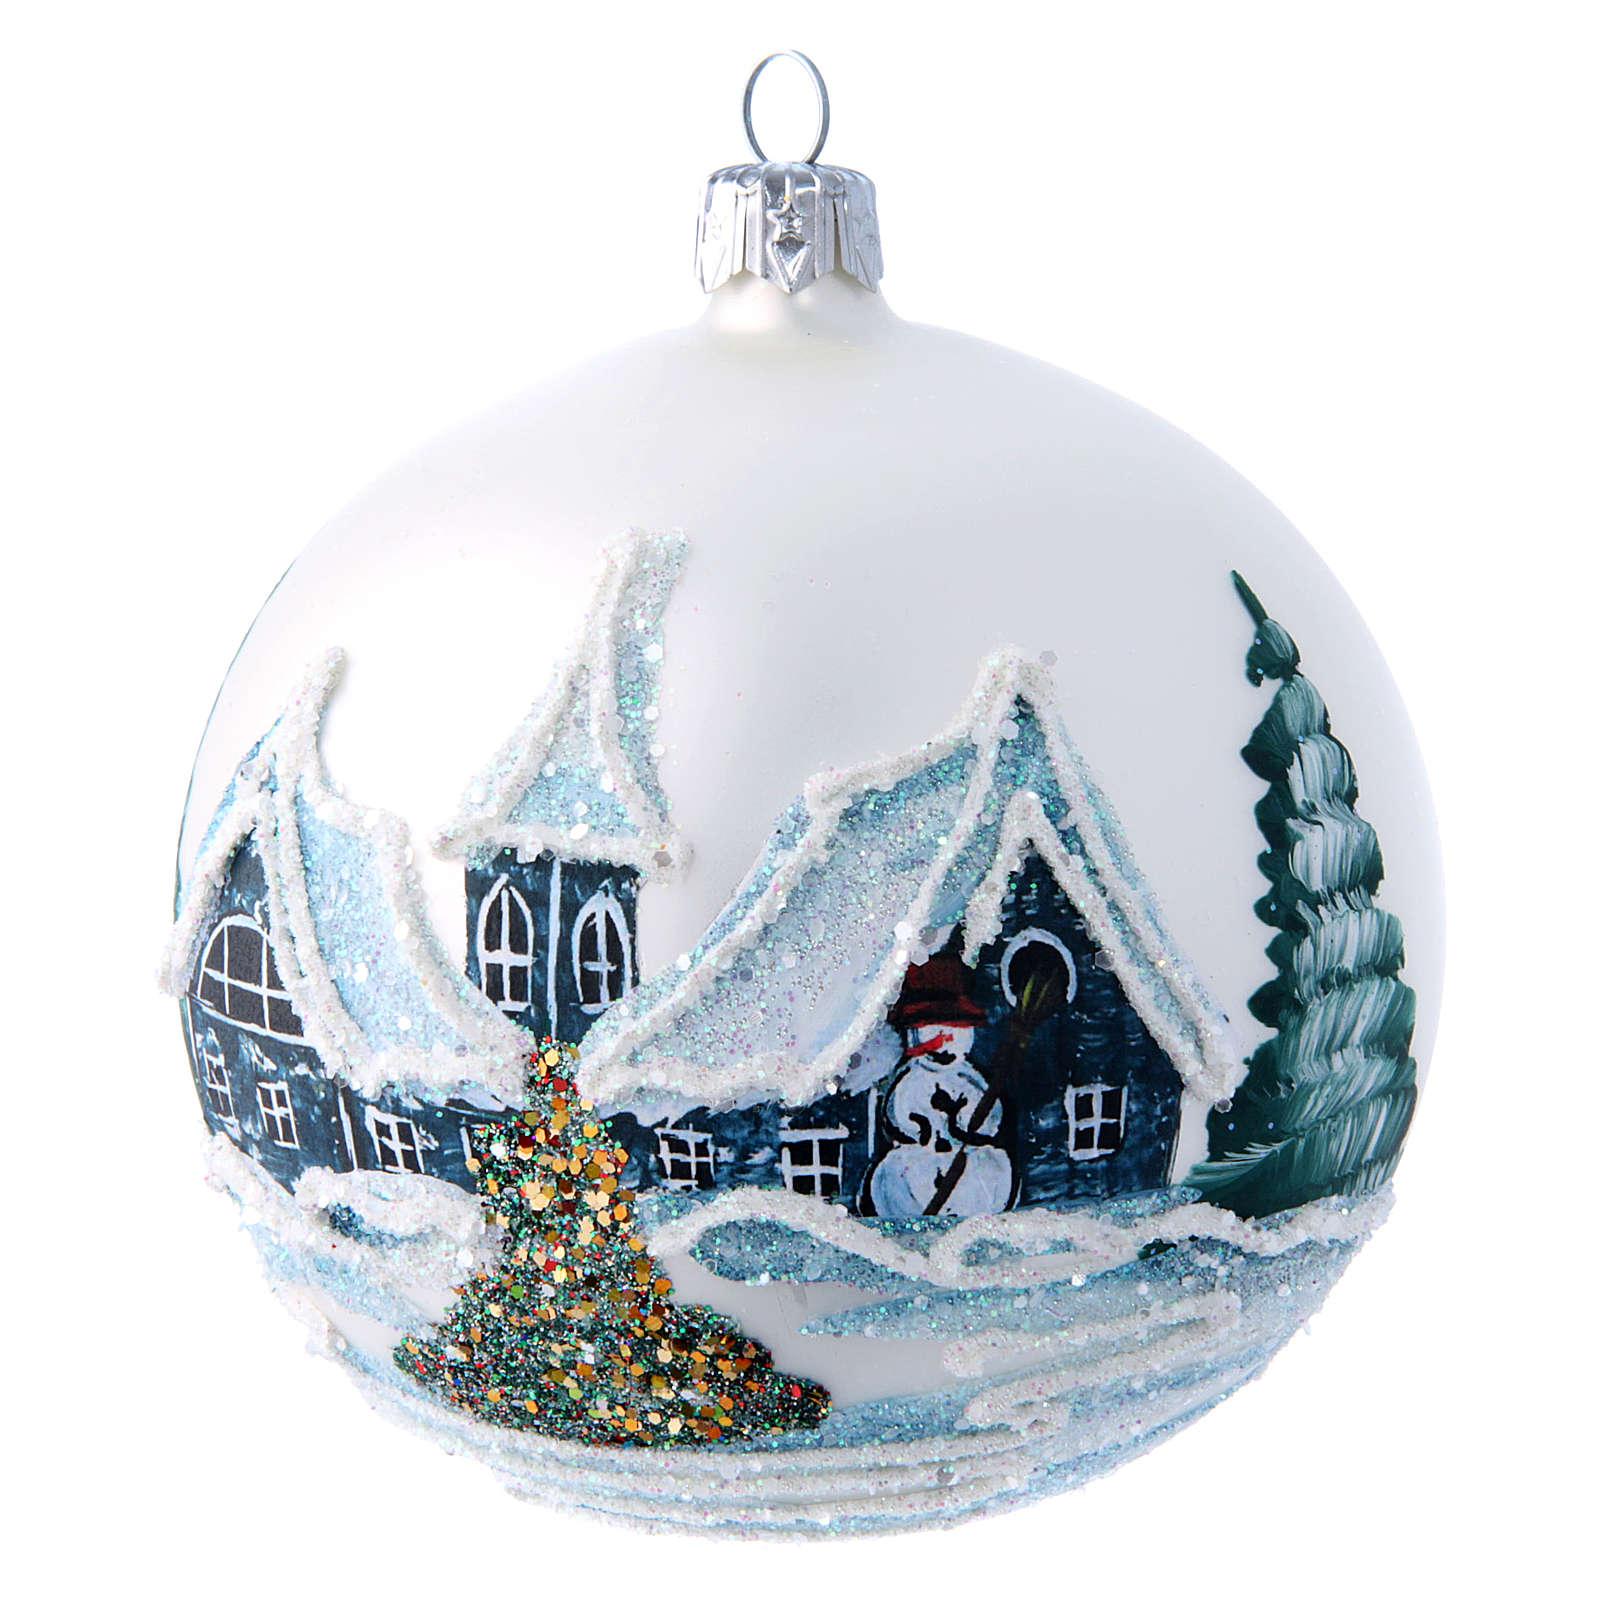 Weihnachtsbaumkugel aus mundgeblasenem Glas Grundton Weiß Motiv Winterlandschaft 100 mm 4